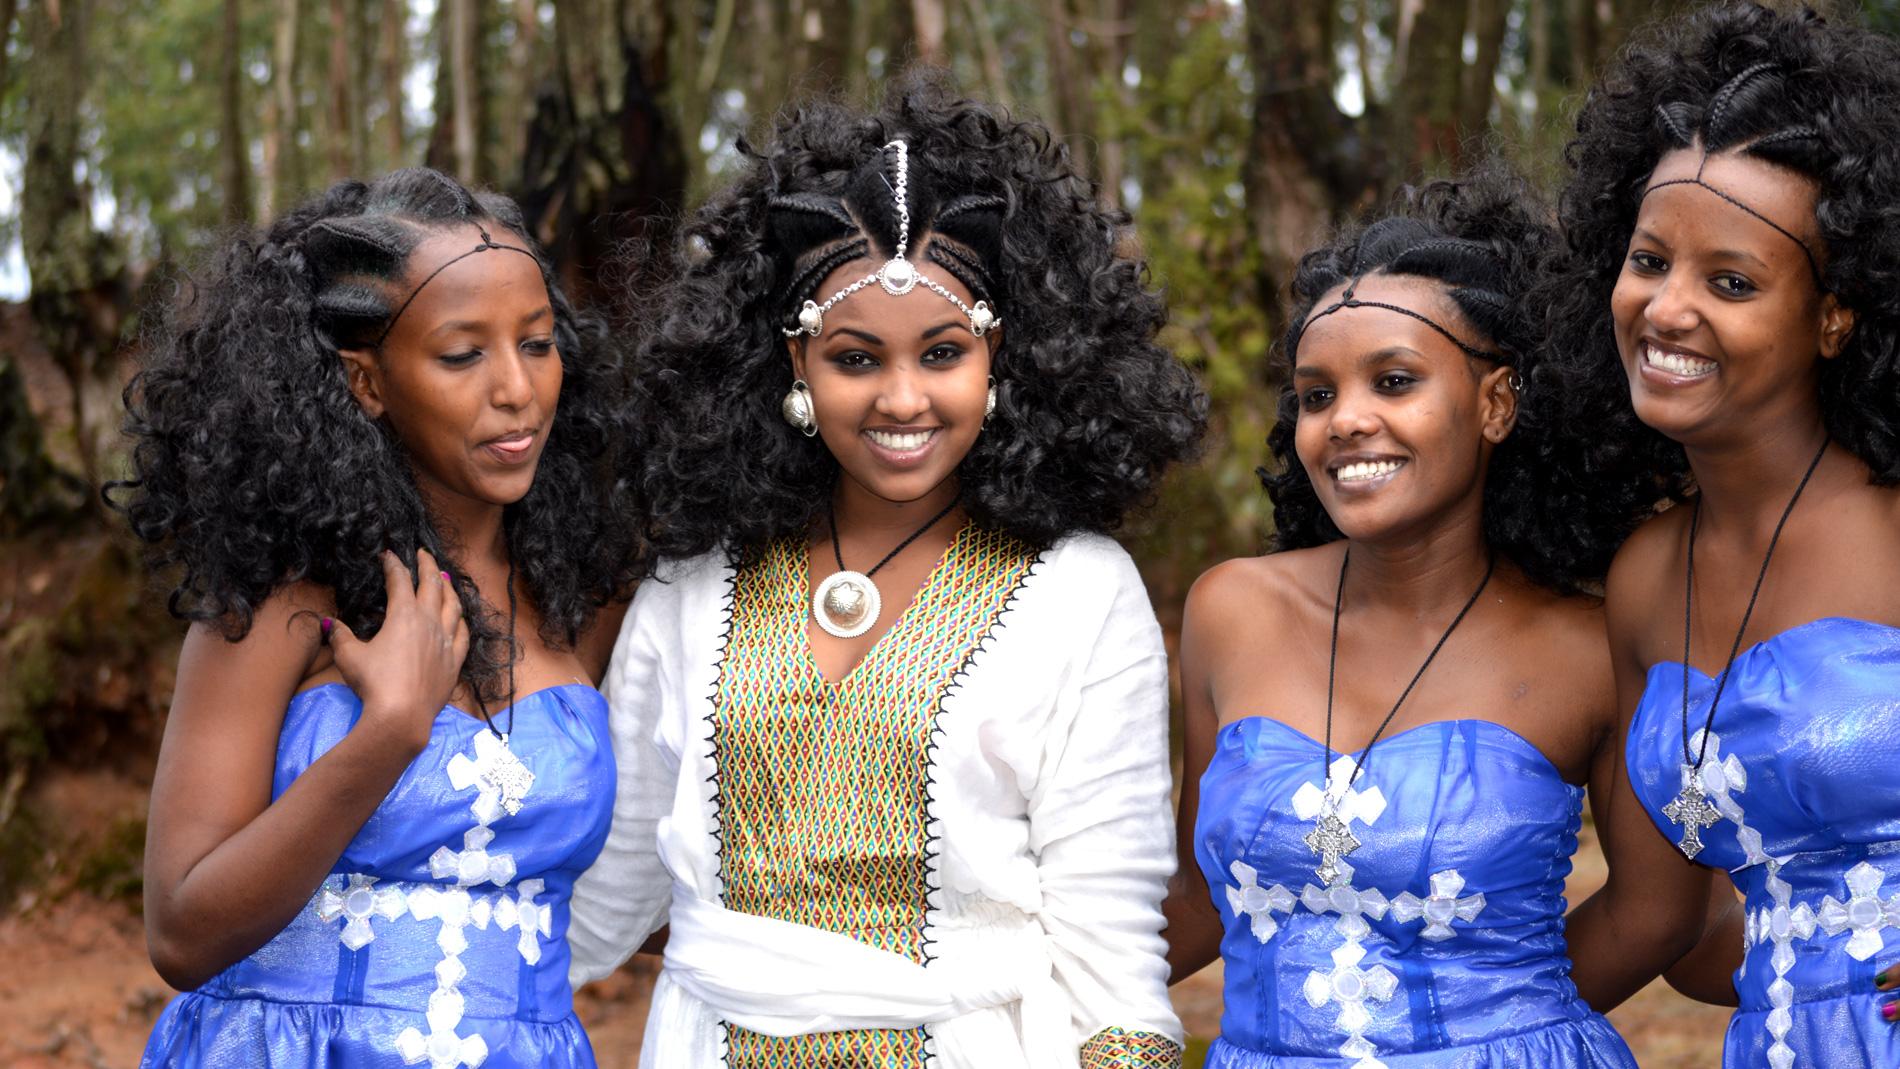 African Poren ethiopia is africa's next big tourist draw | cnn travel